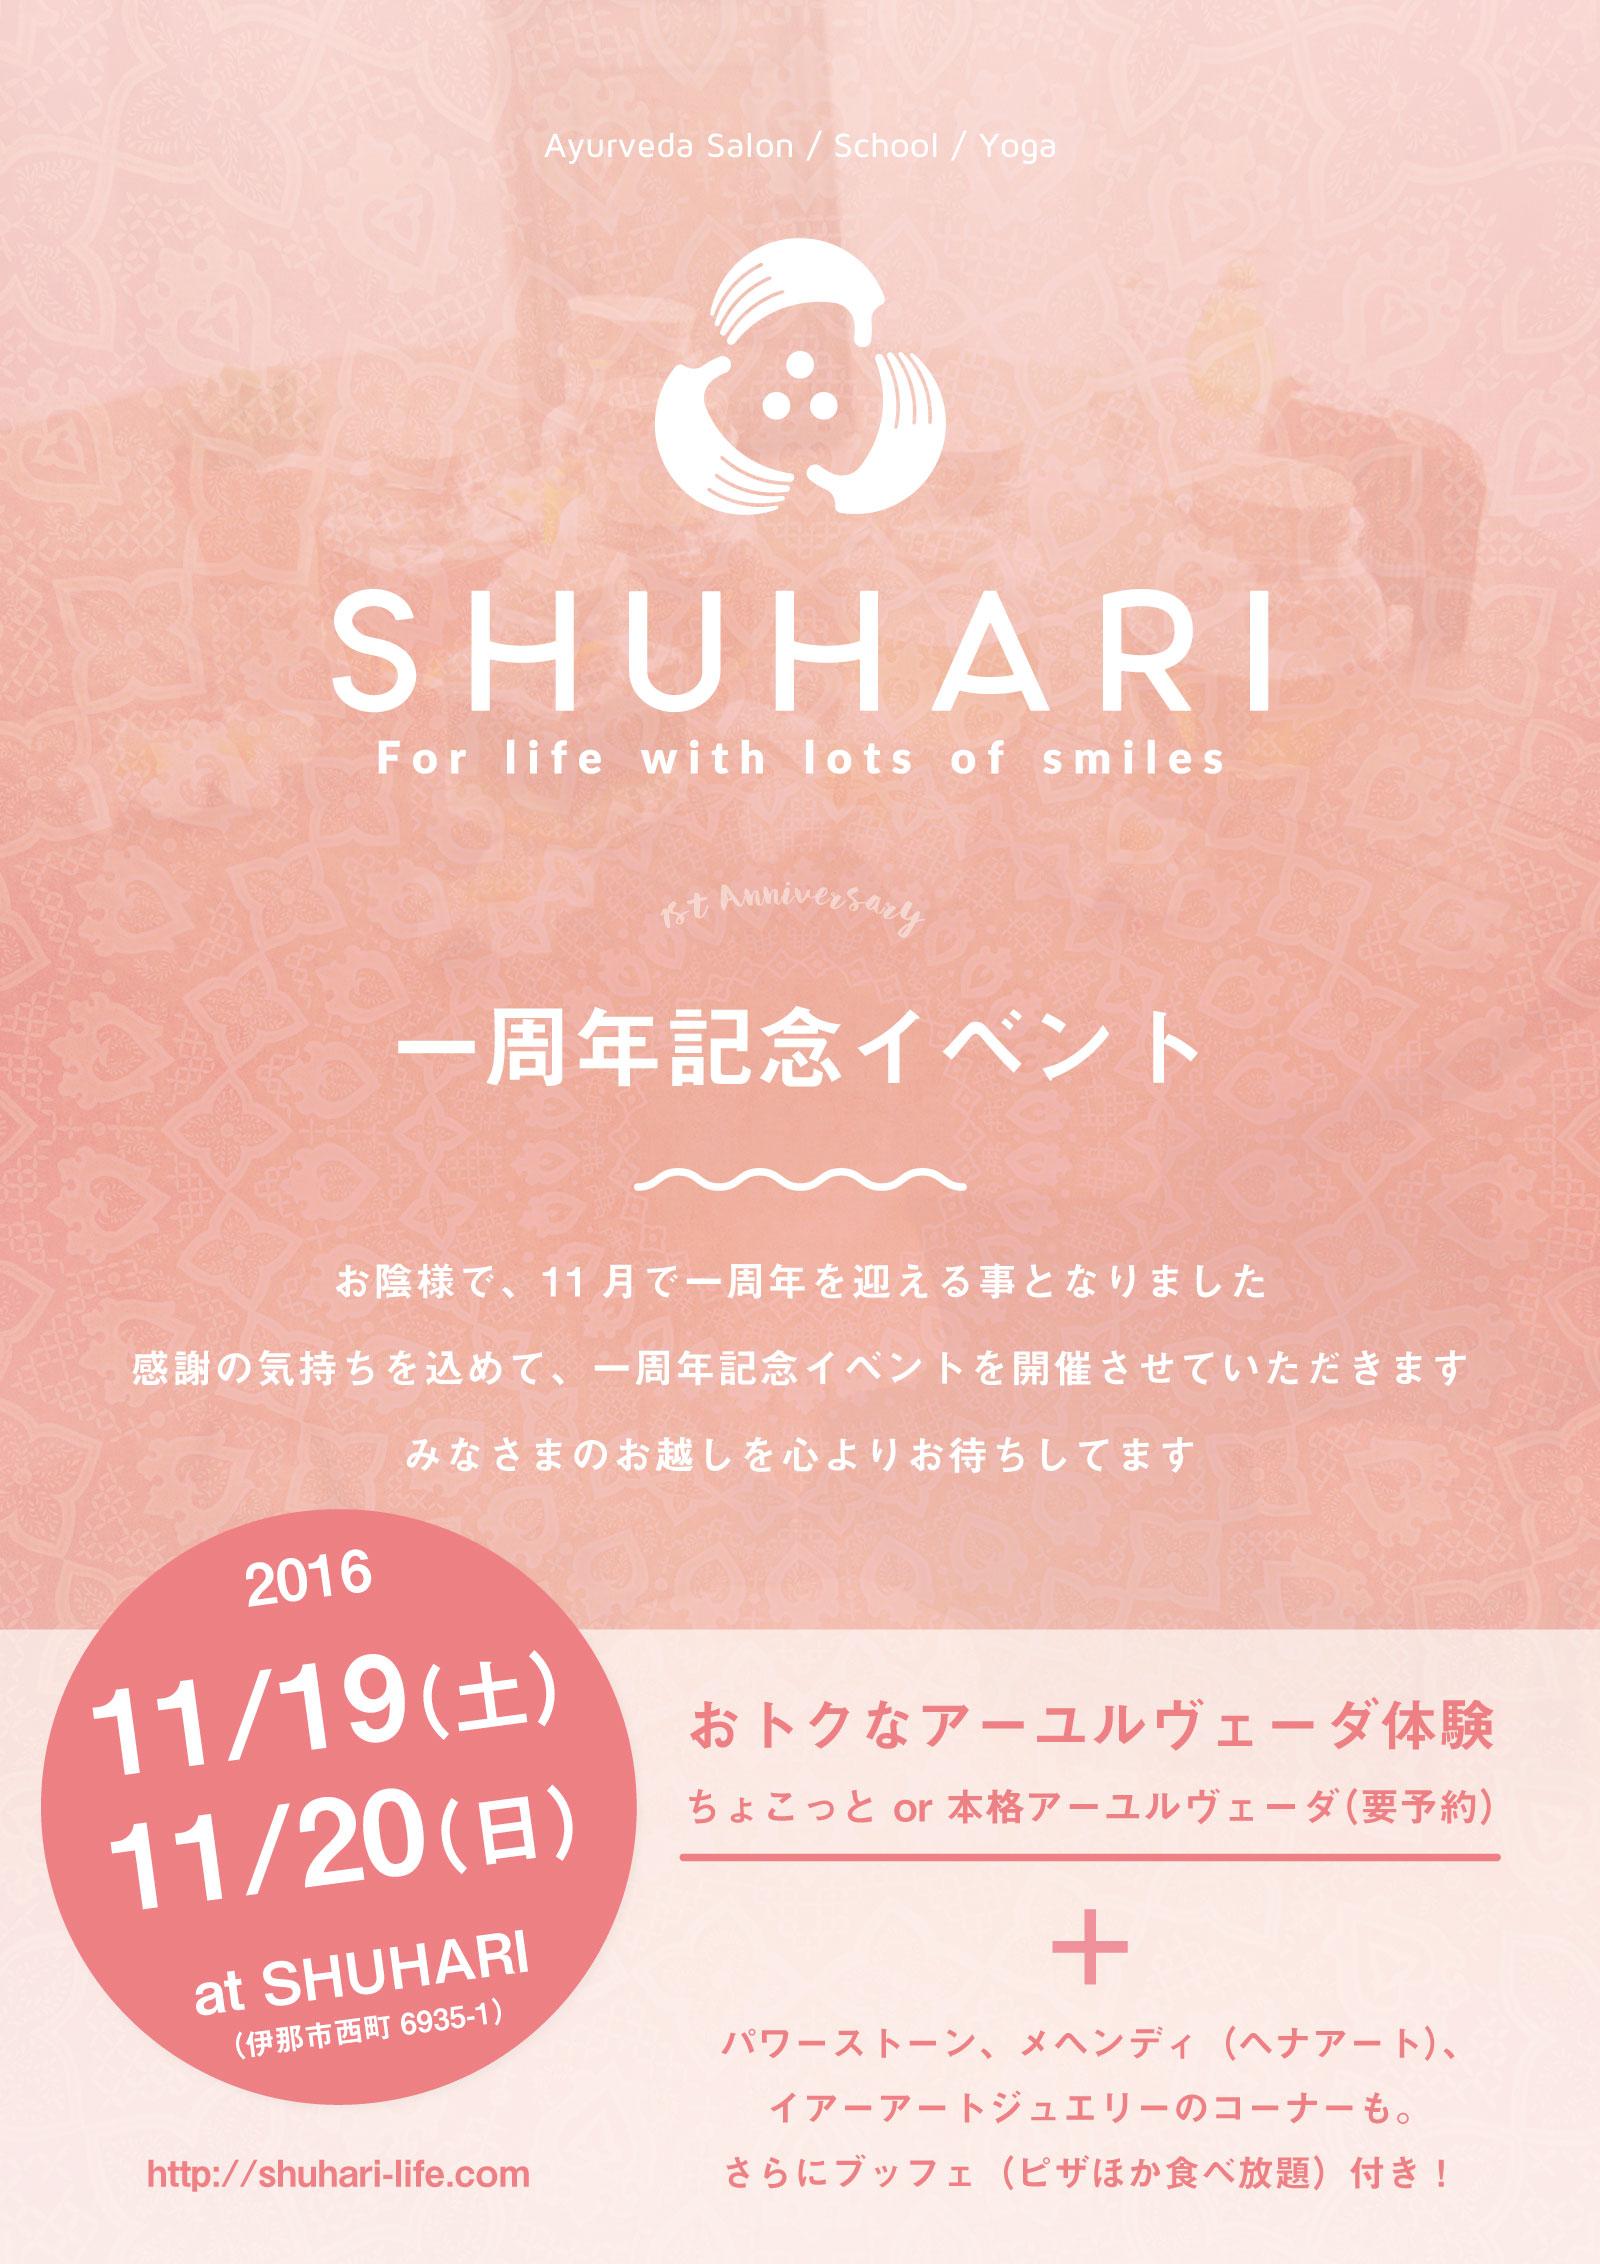 shuhari-1stanni-front